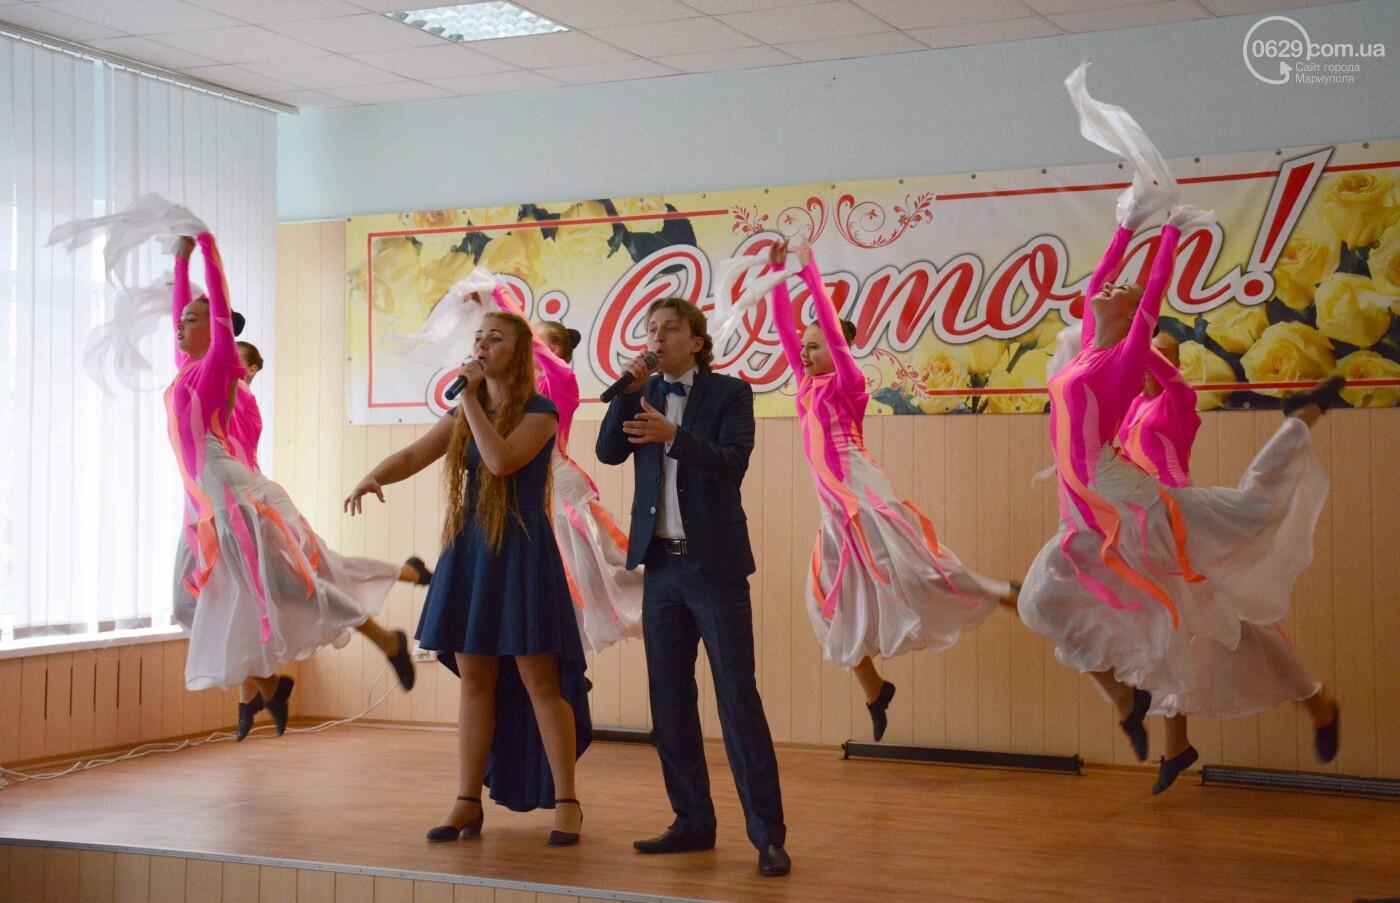 В Мариуполе чествовали лучших работников торговли (ФОТО), фото-4